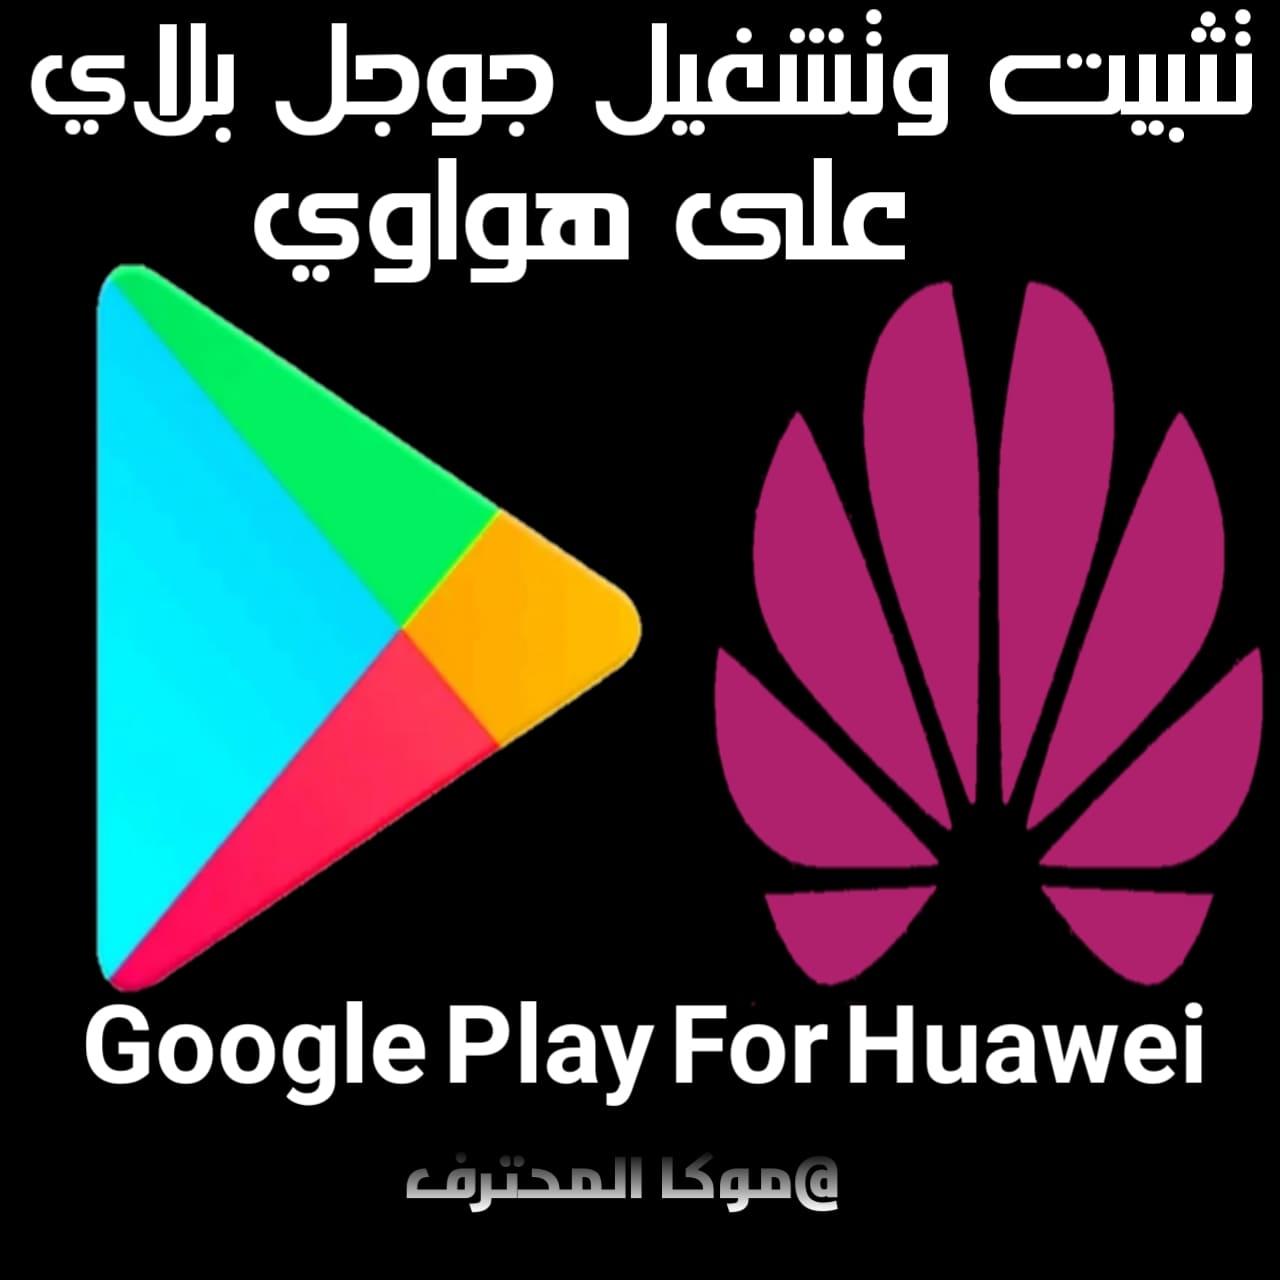 تحميل جوجل بلاي على هواوي Download Google Play For Huawei